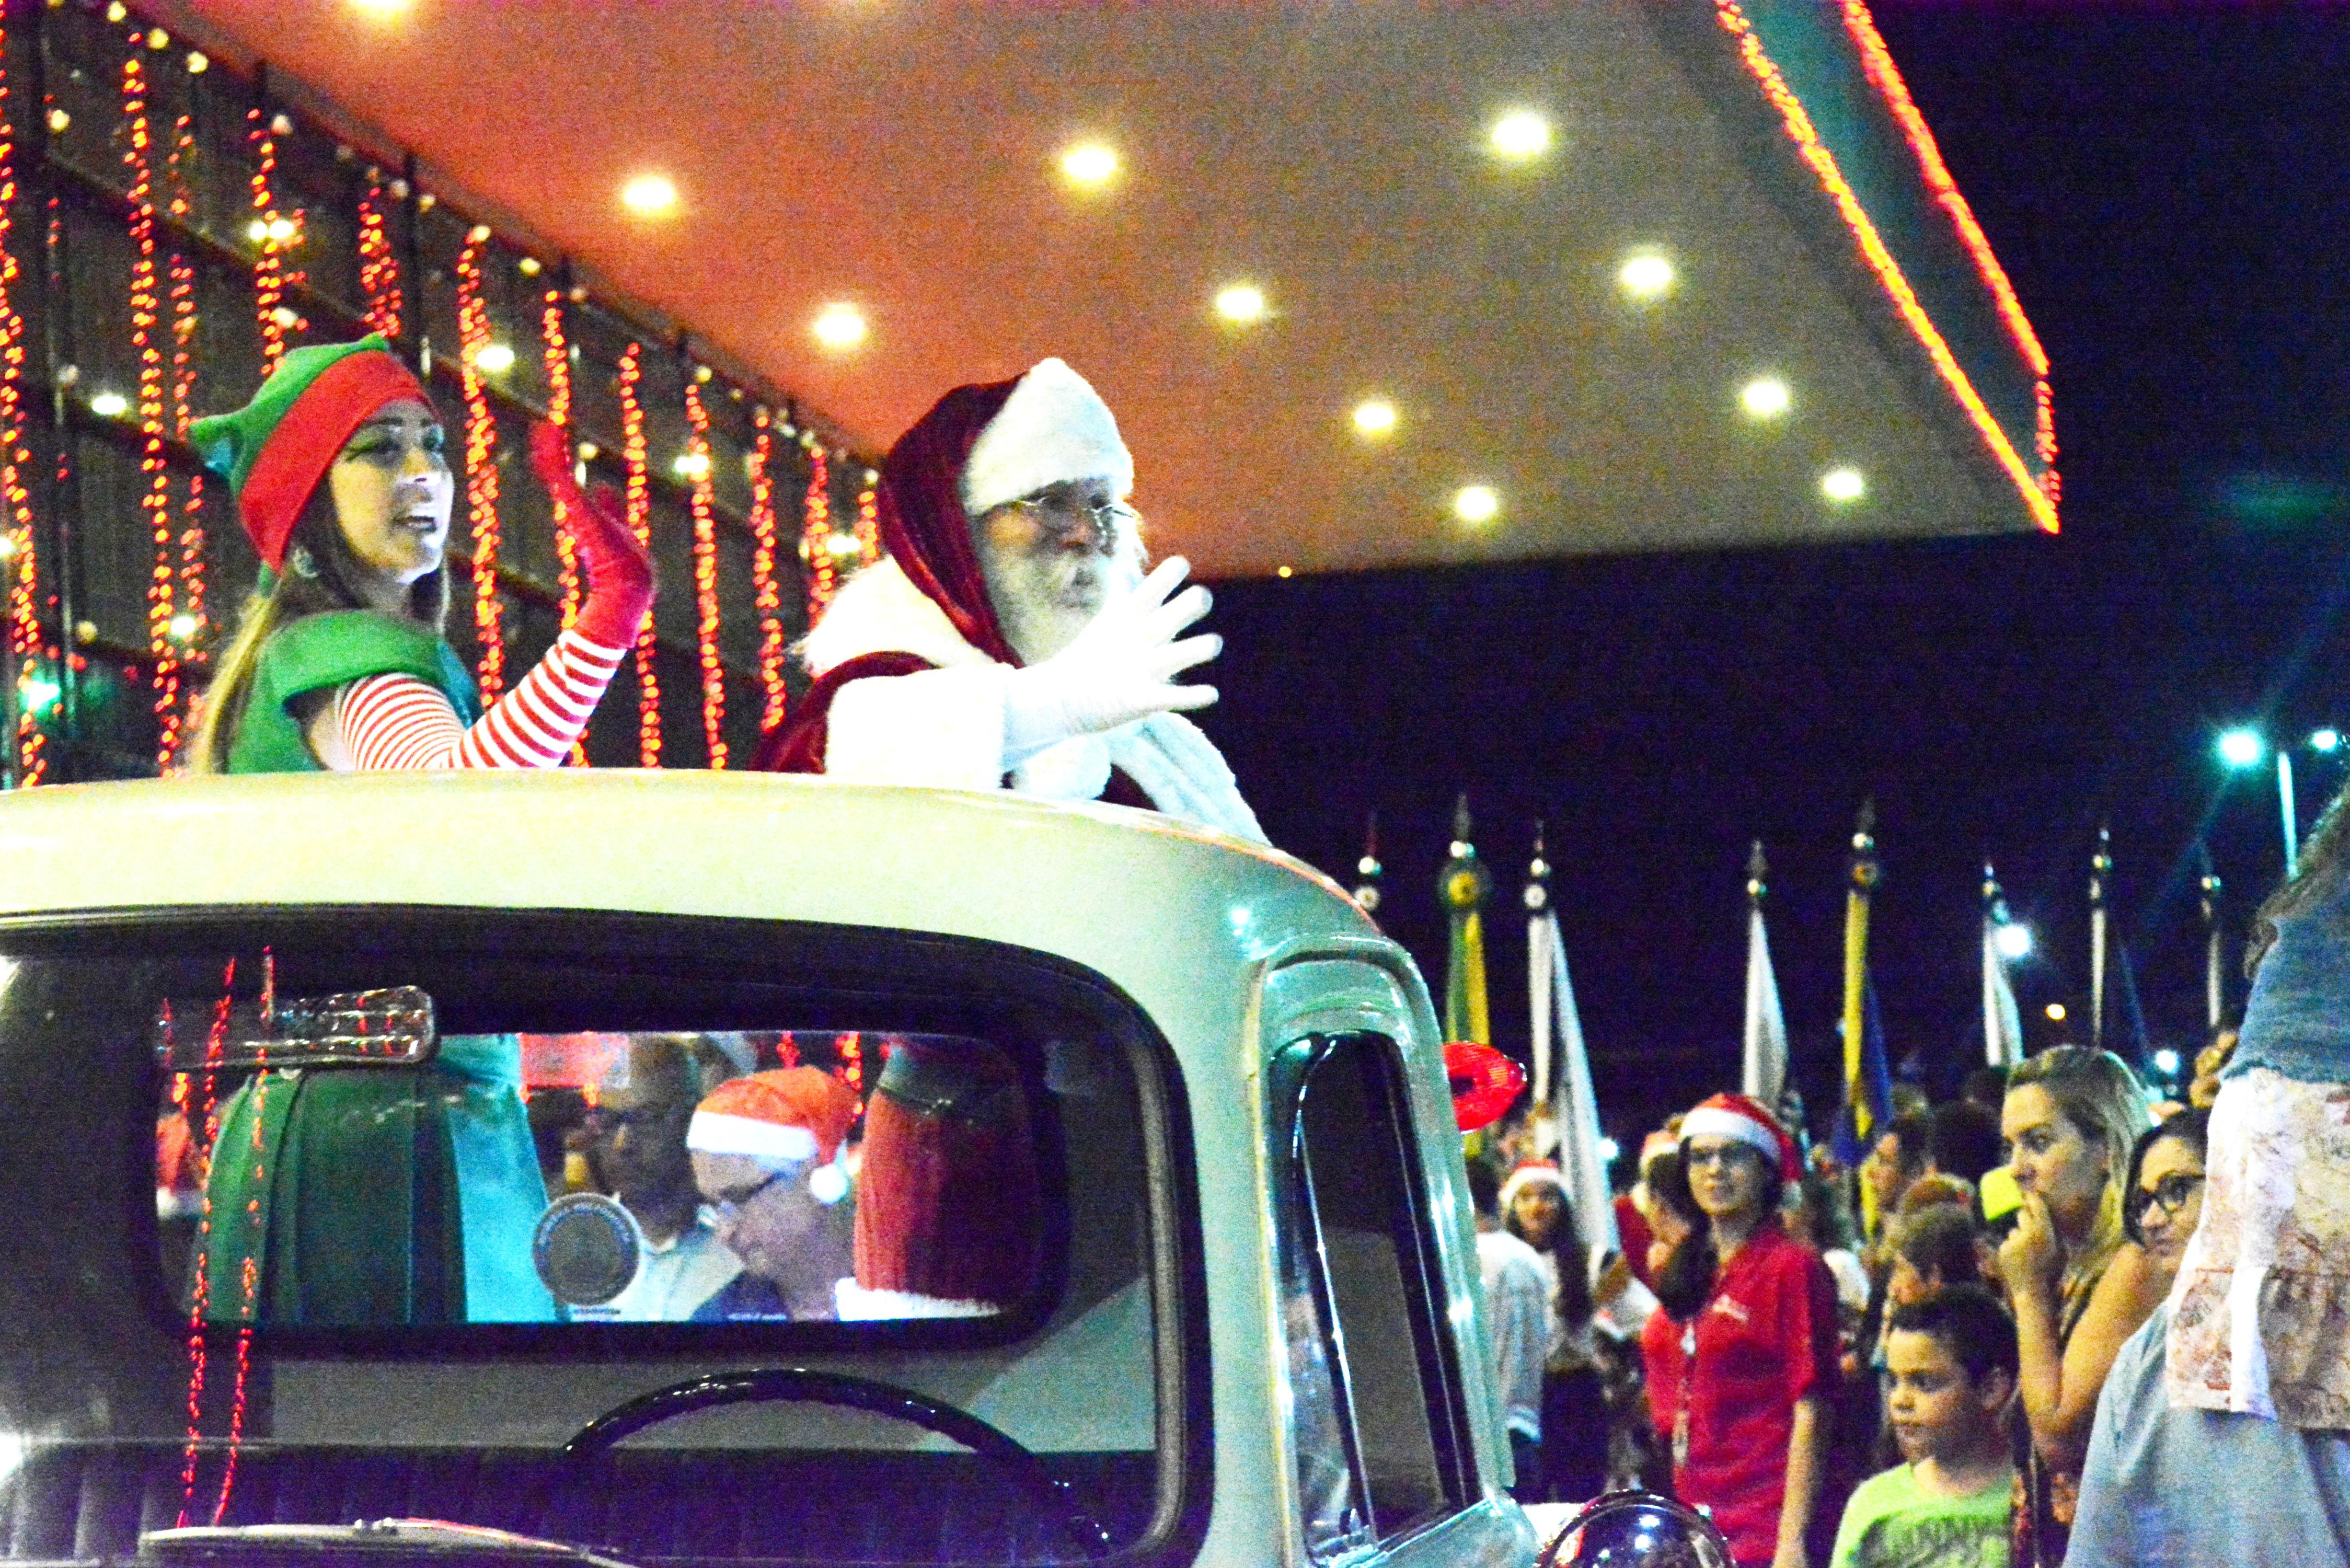 A Rena Mais Famosa Do Papai Noel chegada do papai noel e show de luzes encantam público no